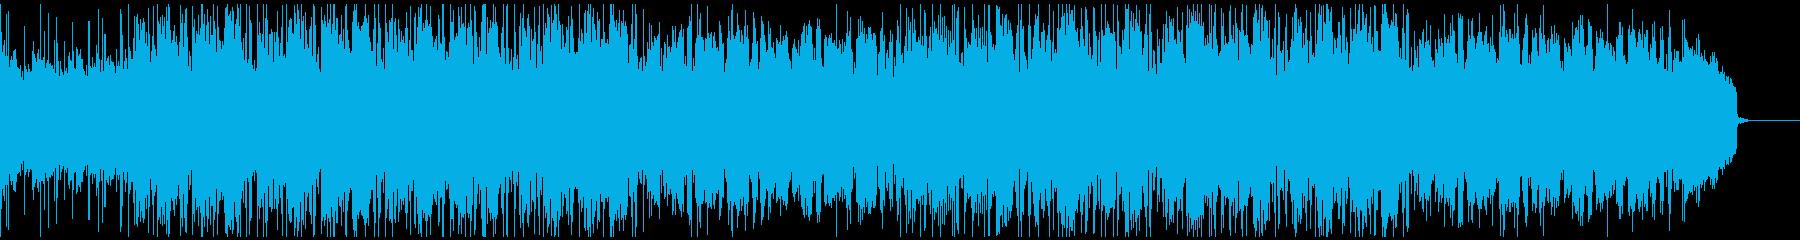 心地いいローファイなフルートのジャズの再生済みの波形